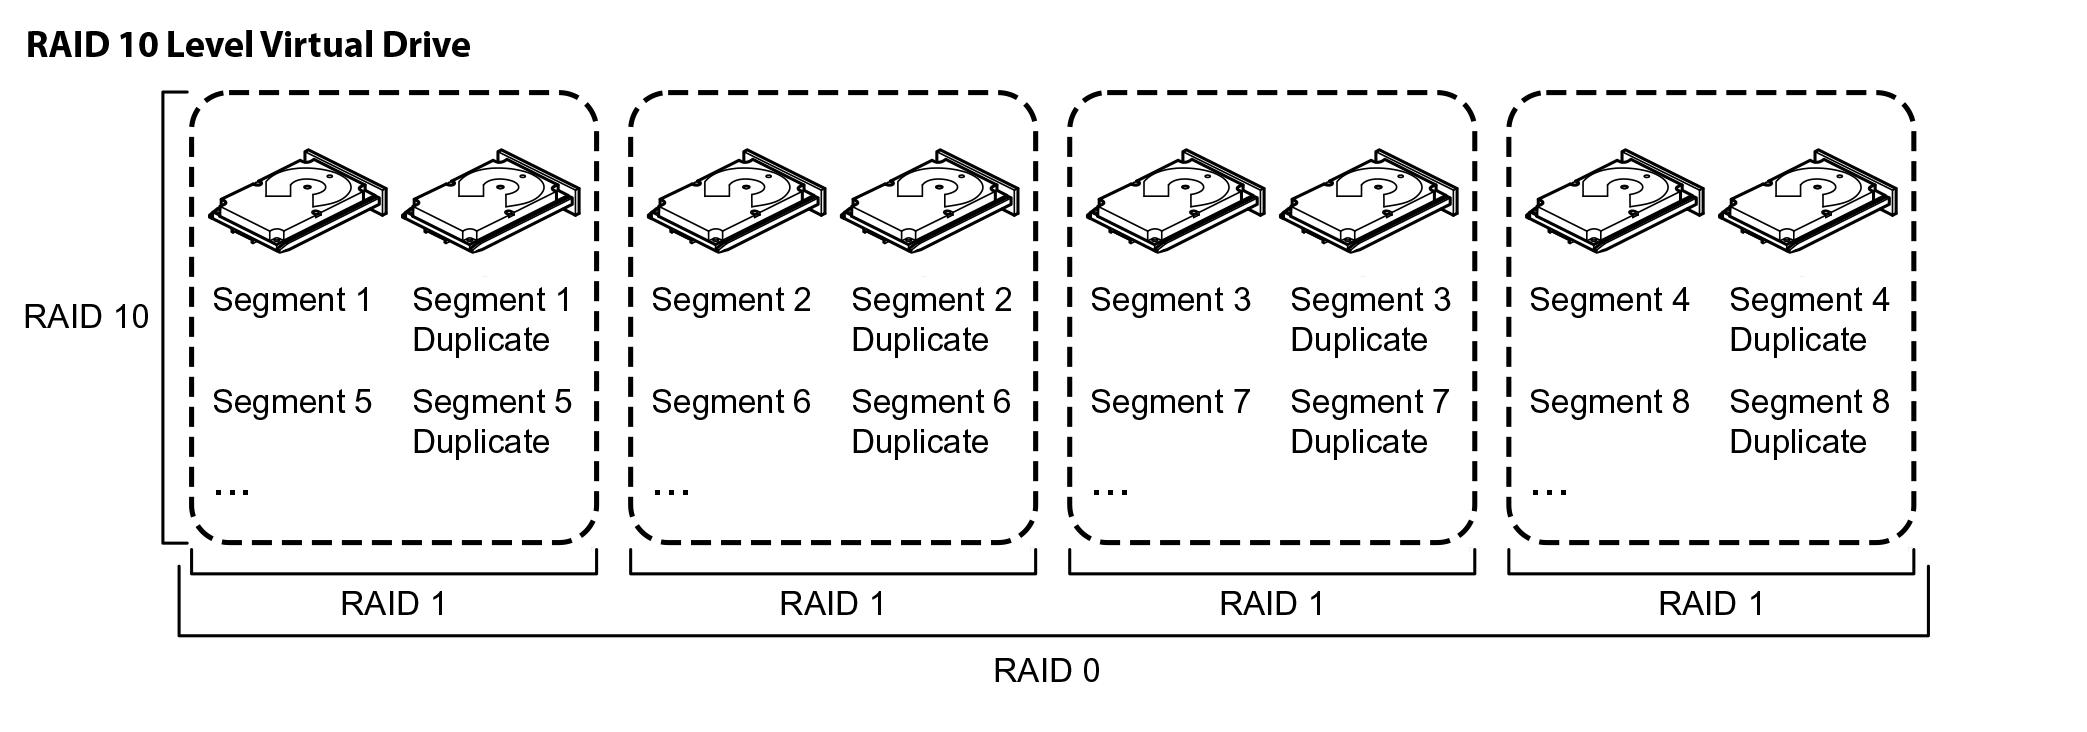 Делимся опытом, как показывают себя SSD в рамках RAID и какой уровень массива выгоднее - 7